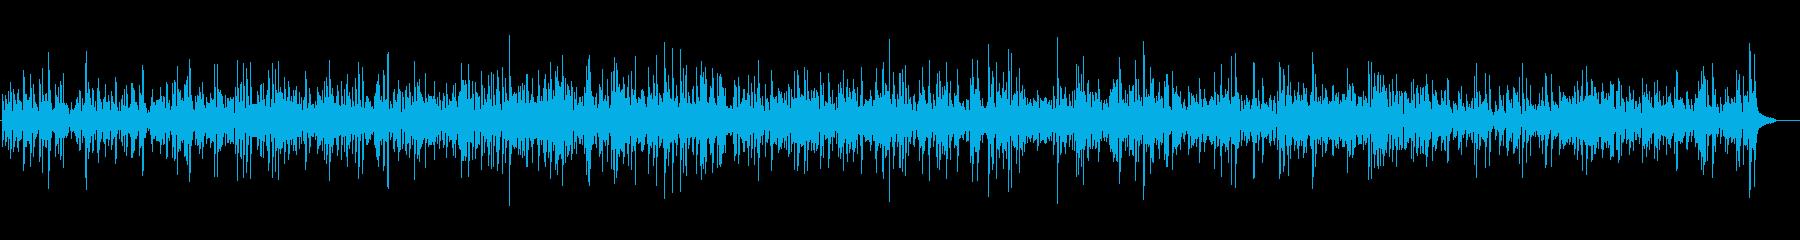 お洒落ジャズギター|店舗向け・映像・CMの再生済みの波形